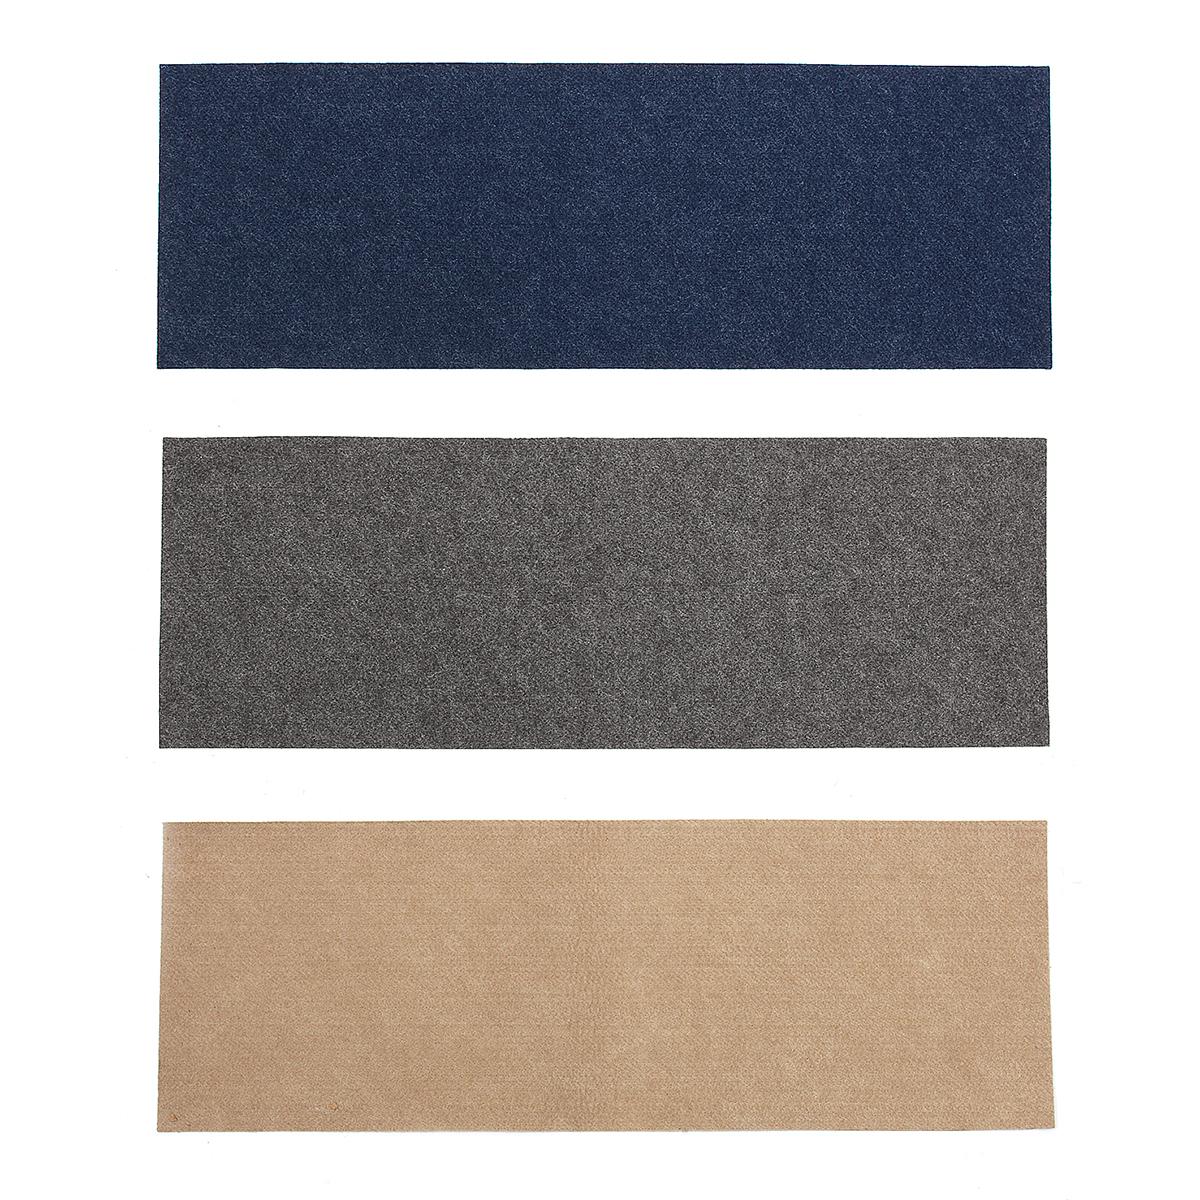 5шт самоклеящиеся нескользящие коврик для лестницы коврик многоразовые моющиеся DIY коврик для кухни для гостиной коврик для лестницы ковр фото